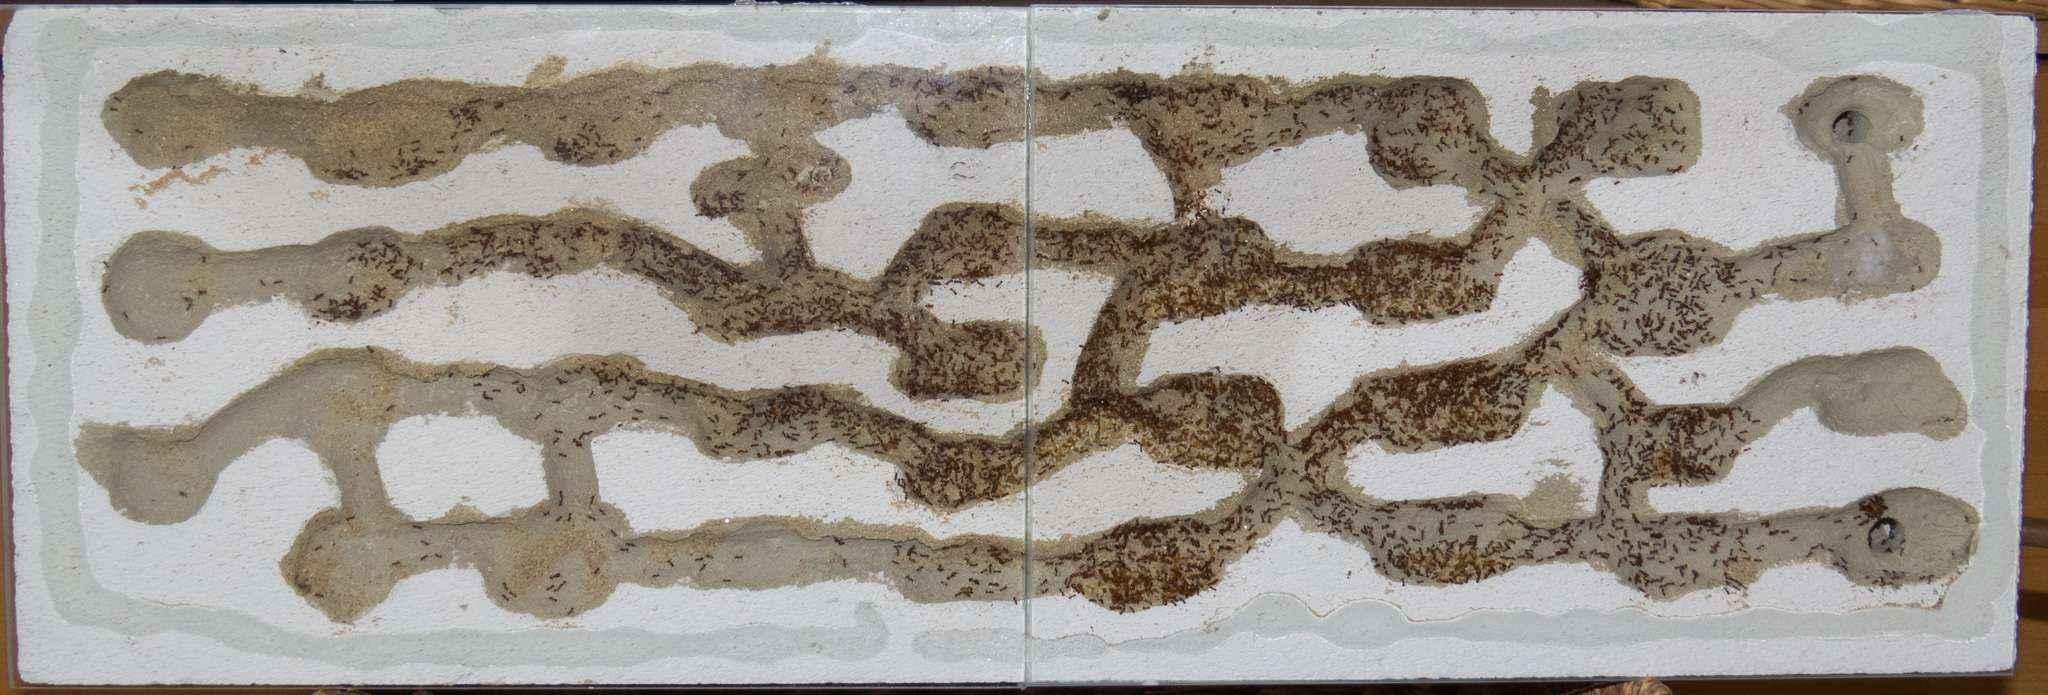 Pheidole pallidula: Umzug abgeschlossen